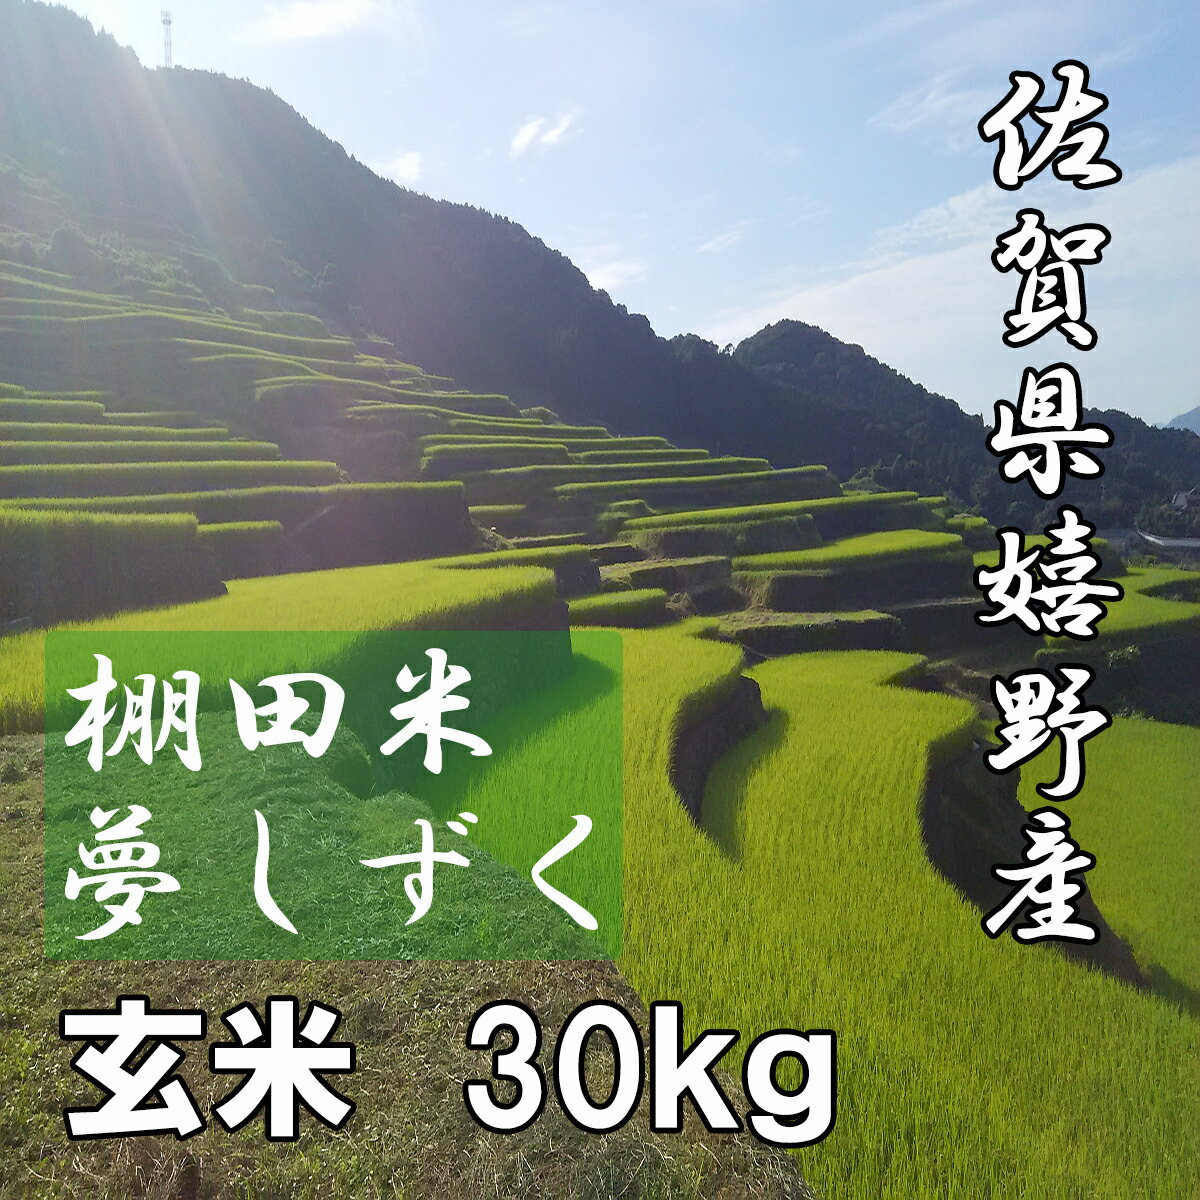 【30年産 新米】【送料無料】佐賀県産 棚田米 夢しずく 玄米30kg